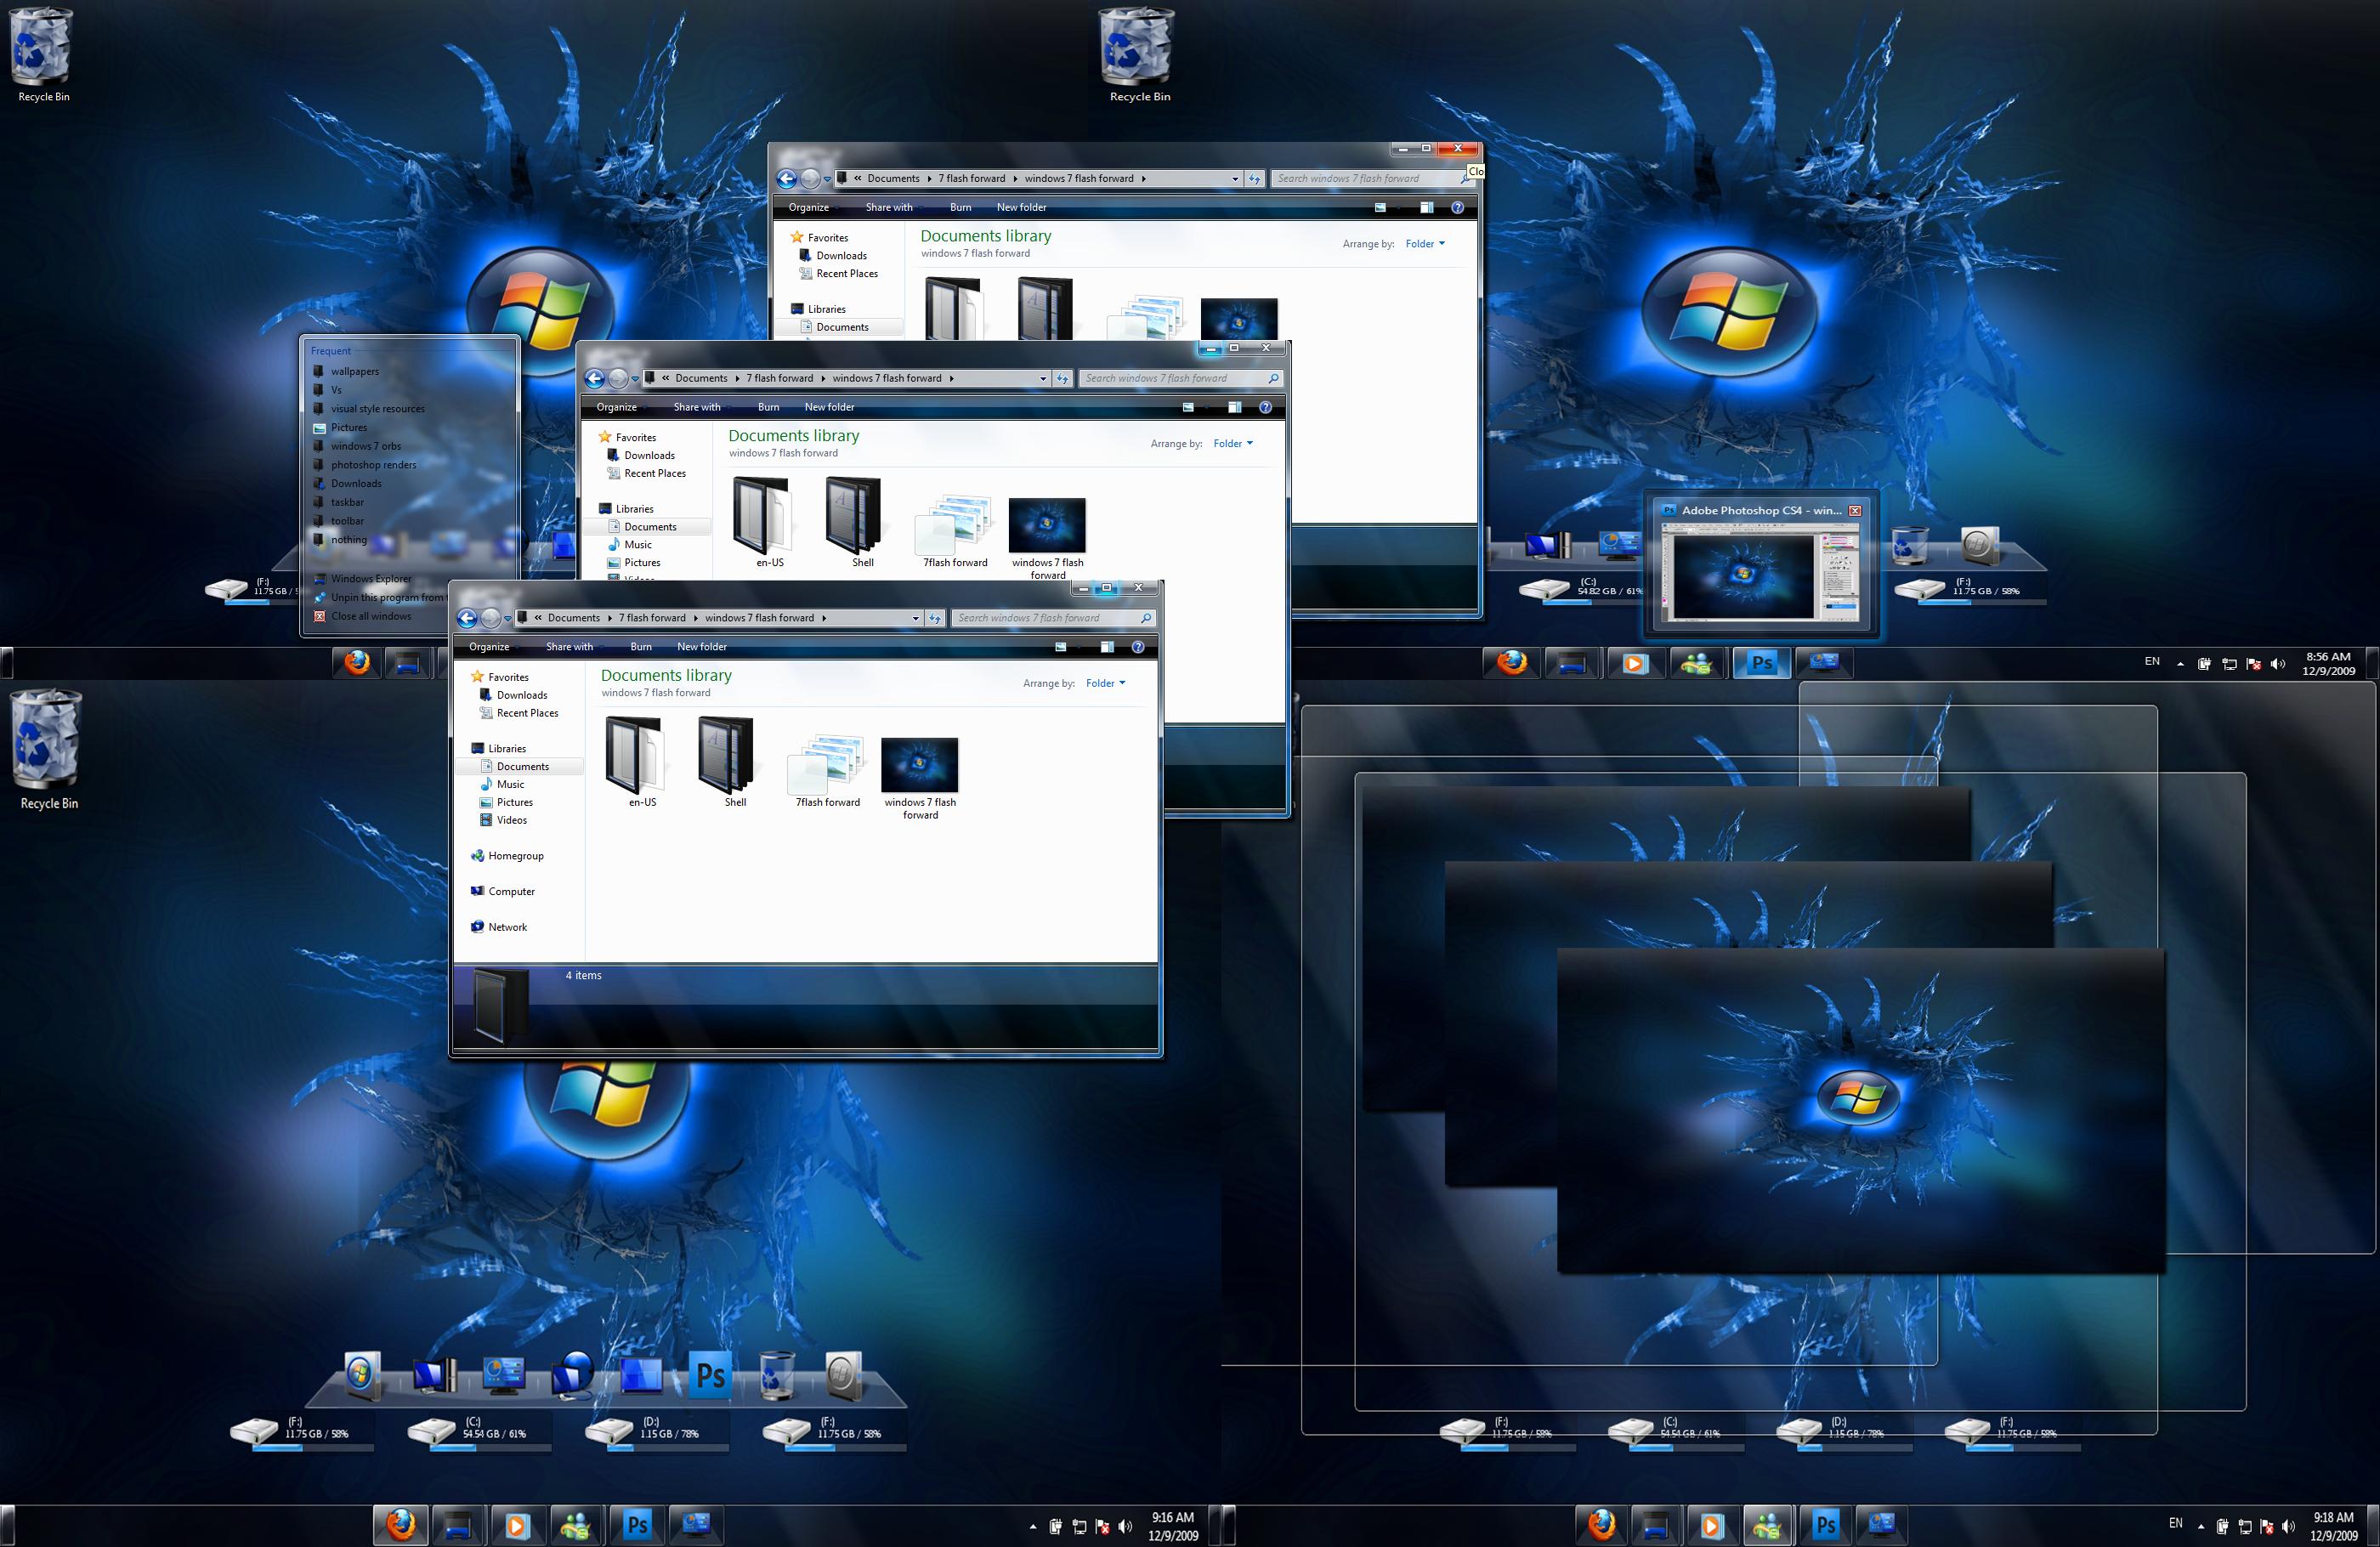 Windows 7 Flash Forward